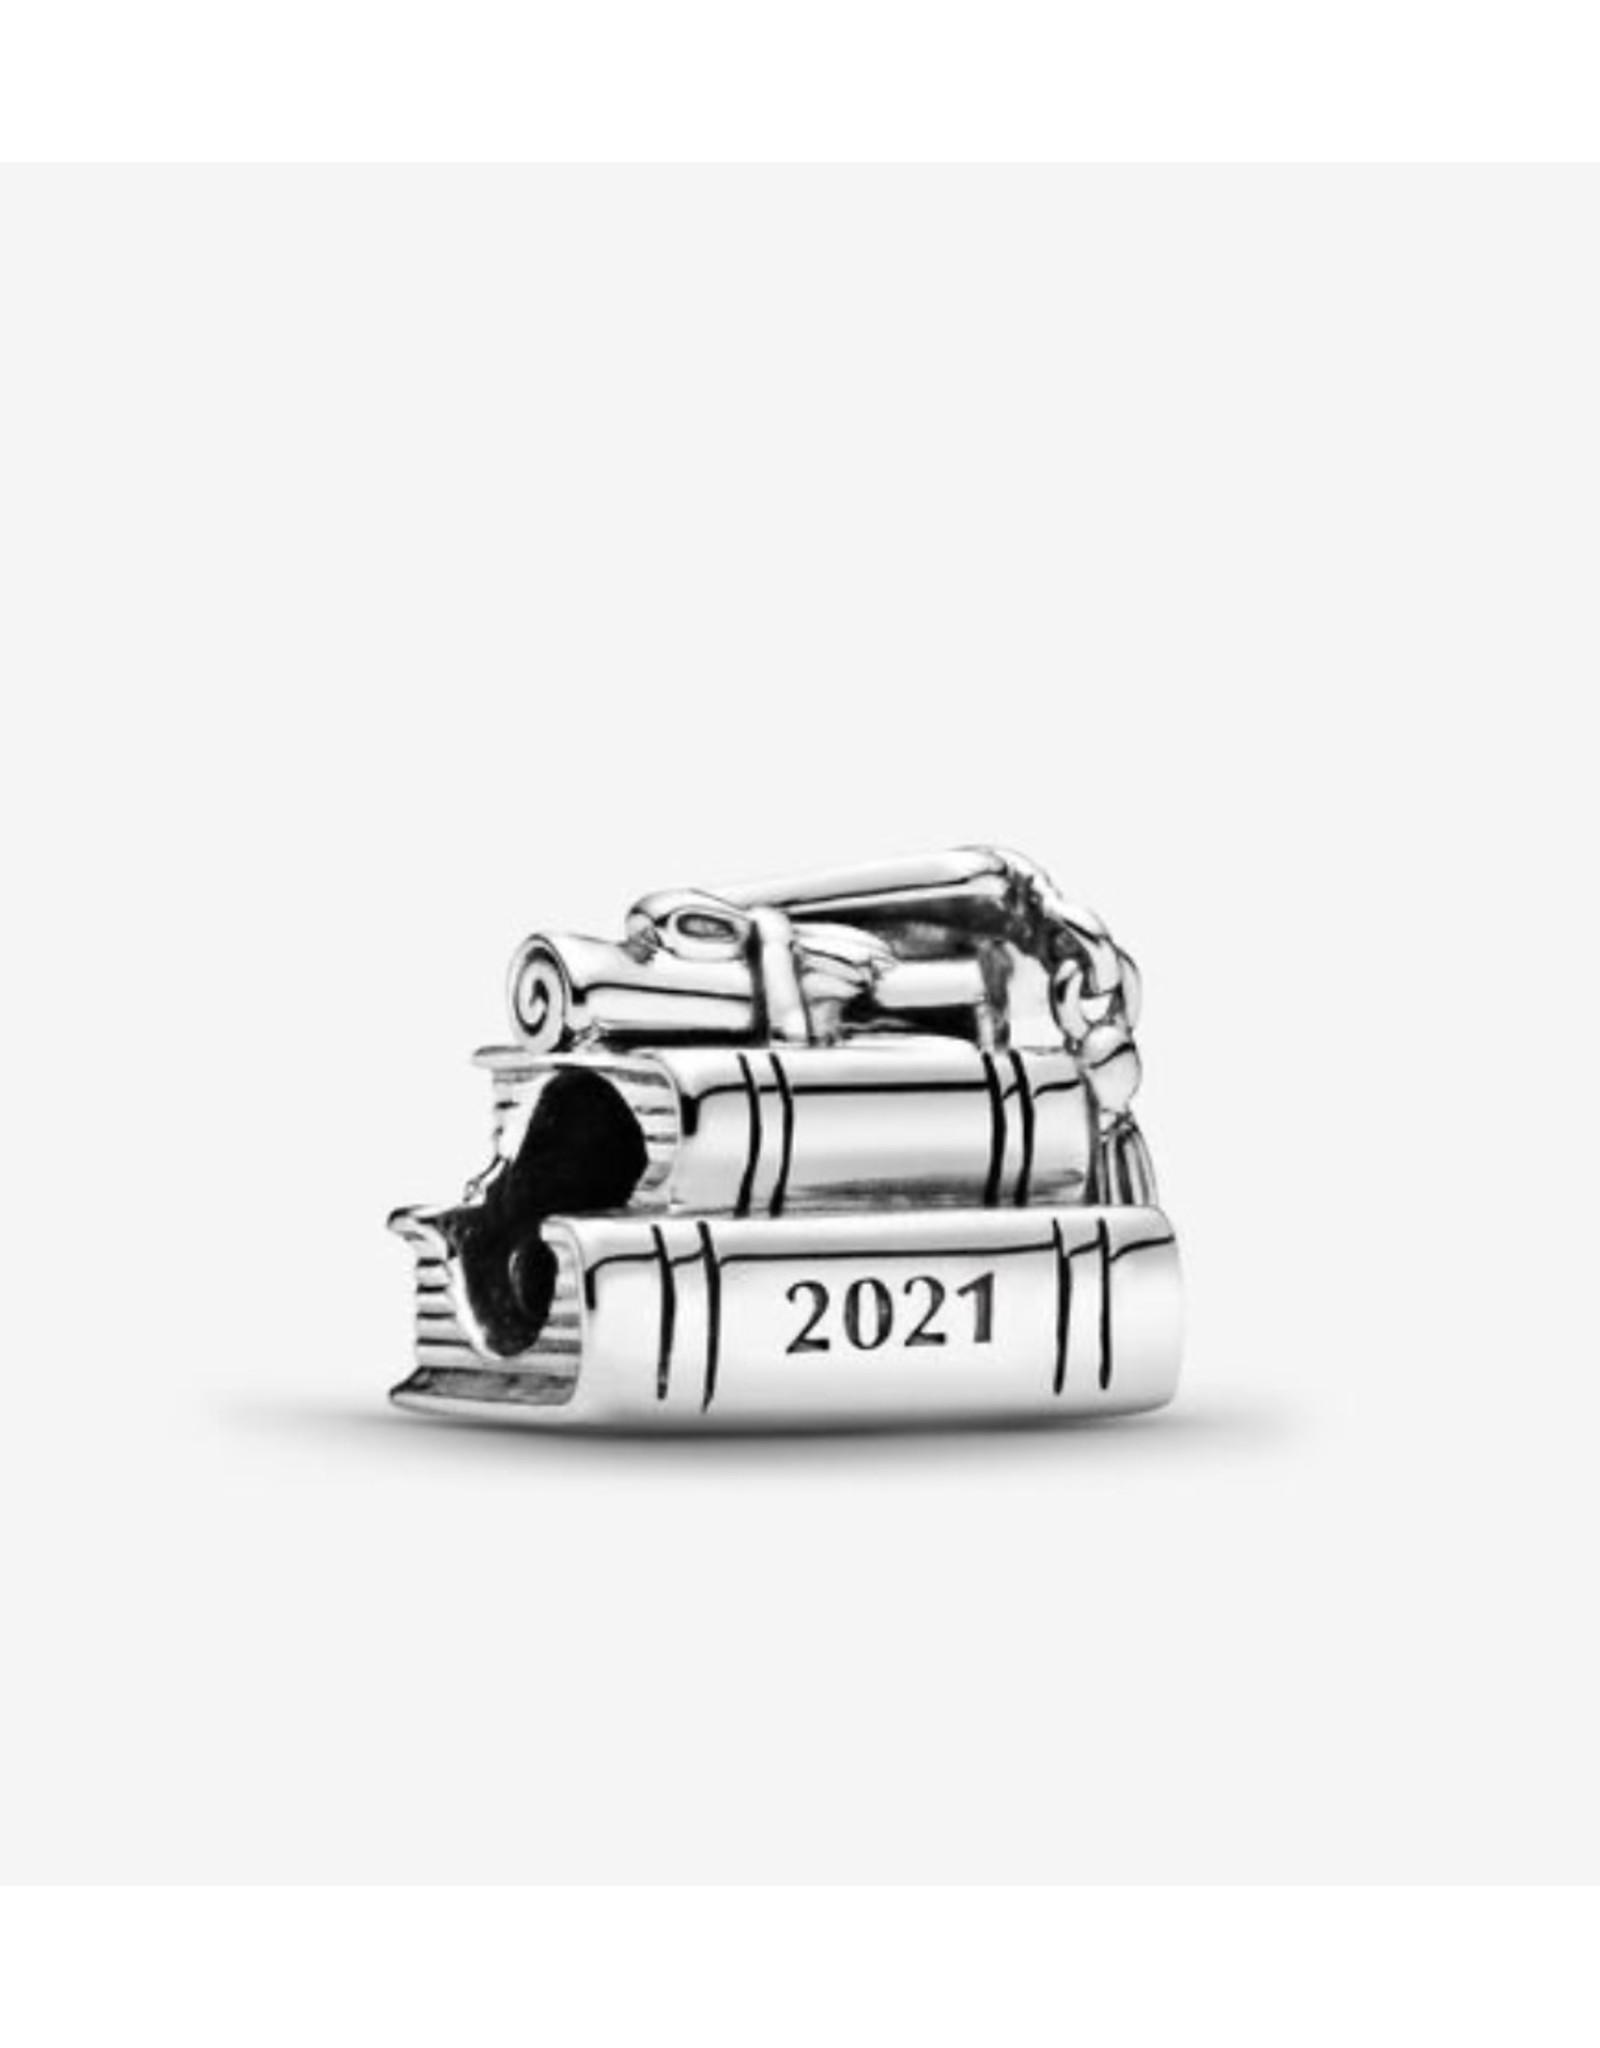 Pandora Pandora Charm,799325C00, 2021 Graduation